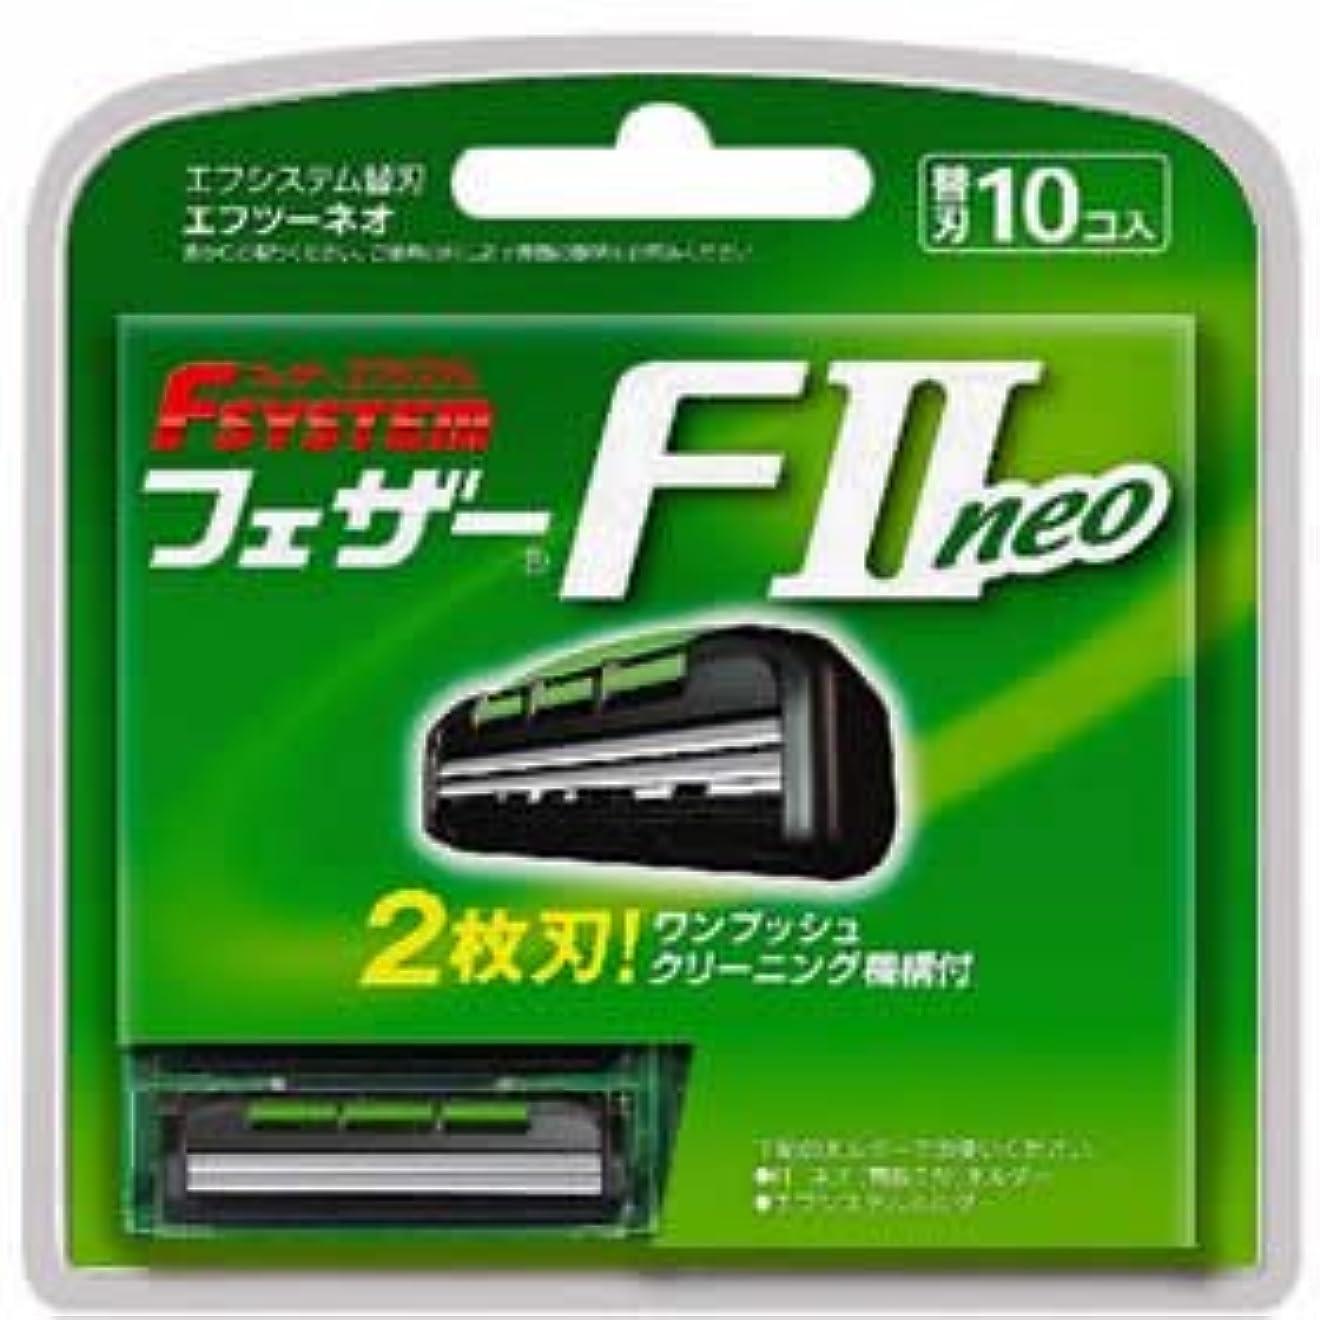 お尻草タイプライターフェザー エフシステム F2ネオ 替刃 10個